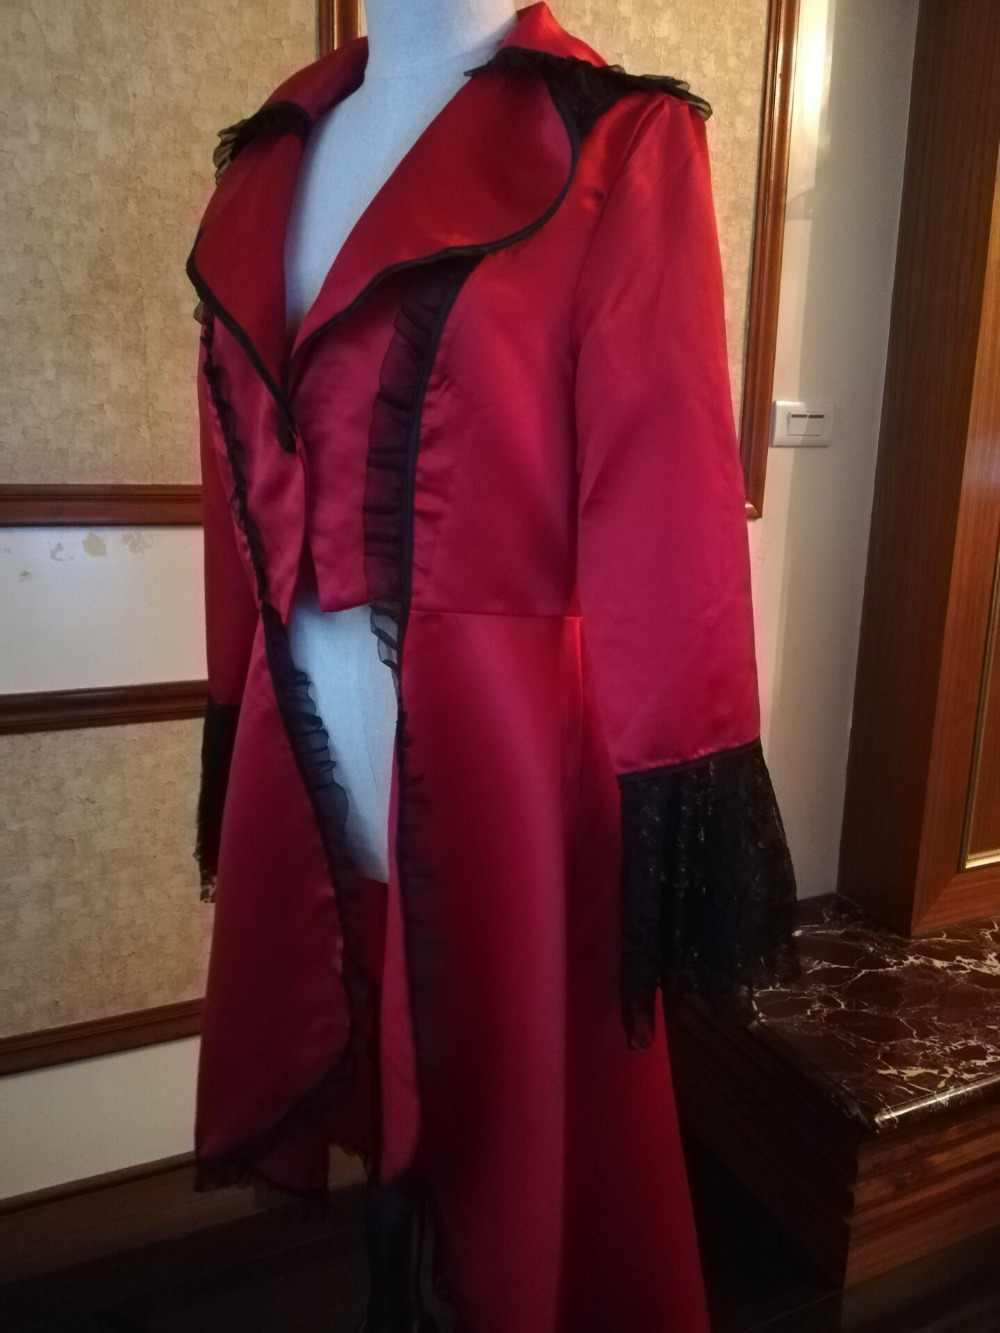 Vrouwen Lace Trim Lace-up Hoge Lage Jas Zwart Steampunk Victoriaanse Stijl Gothic Jacket Middeleeuwse Noble Hof Jurk S-3XL